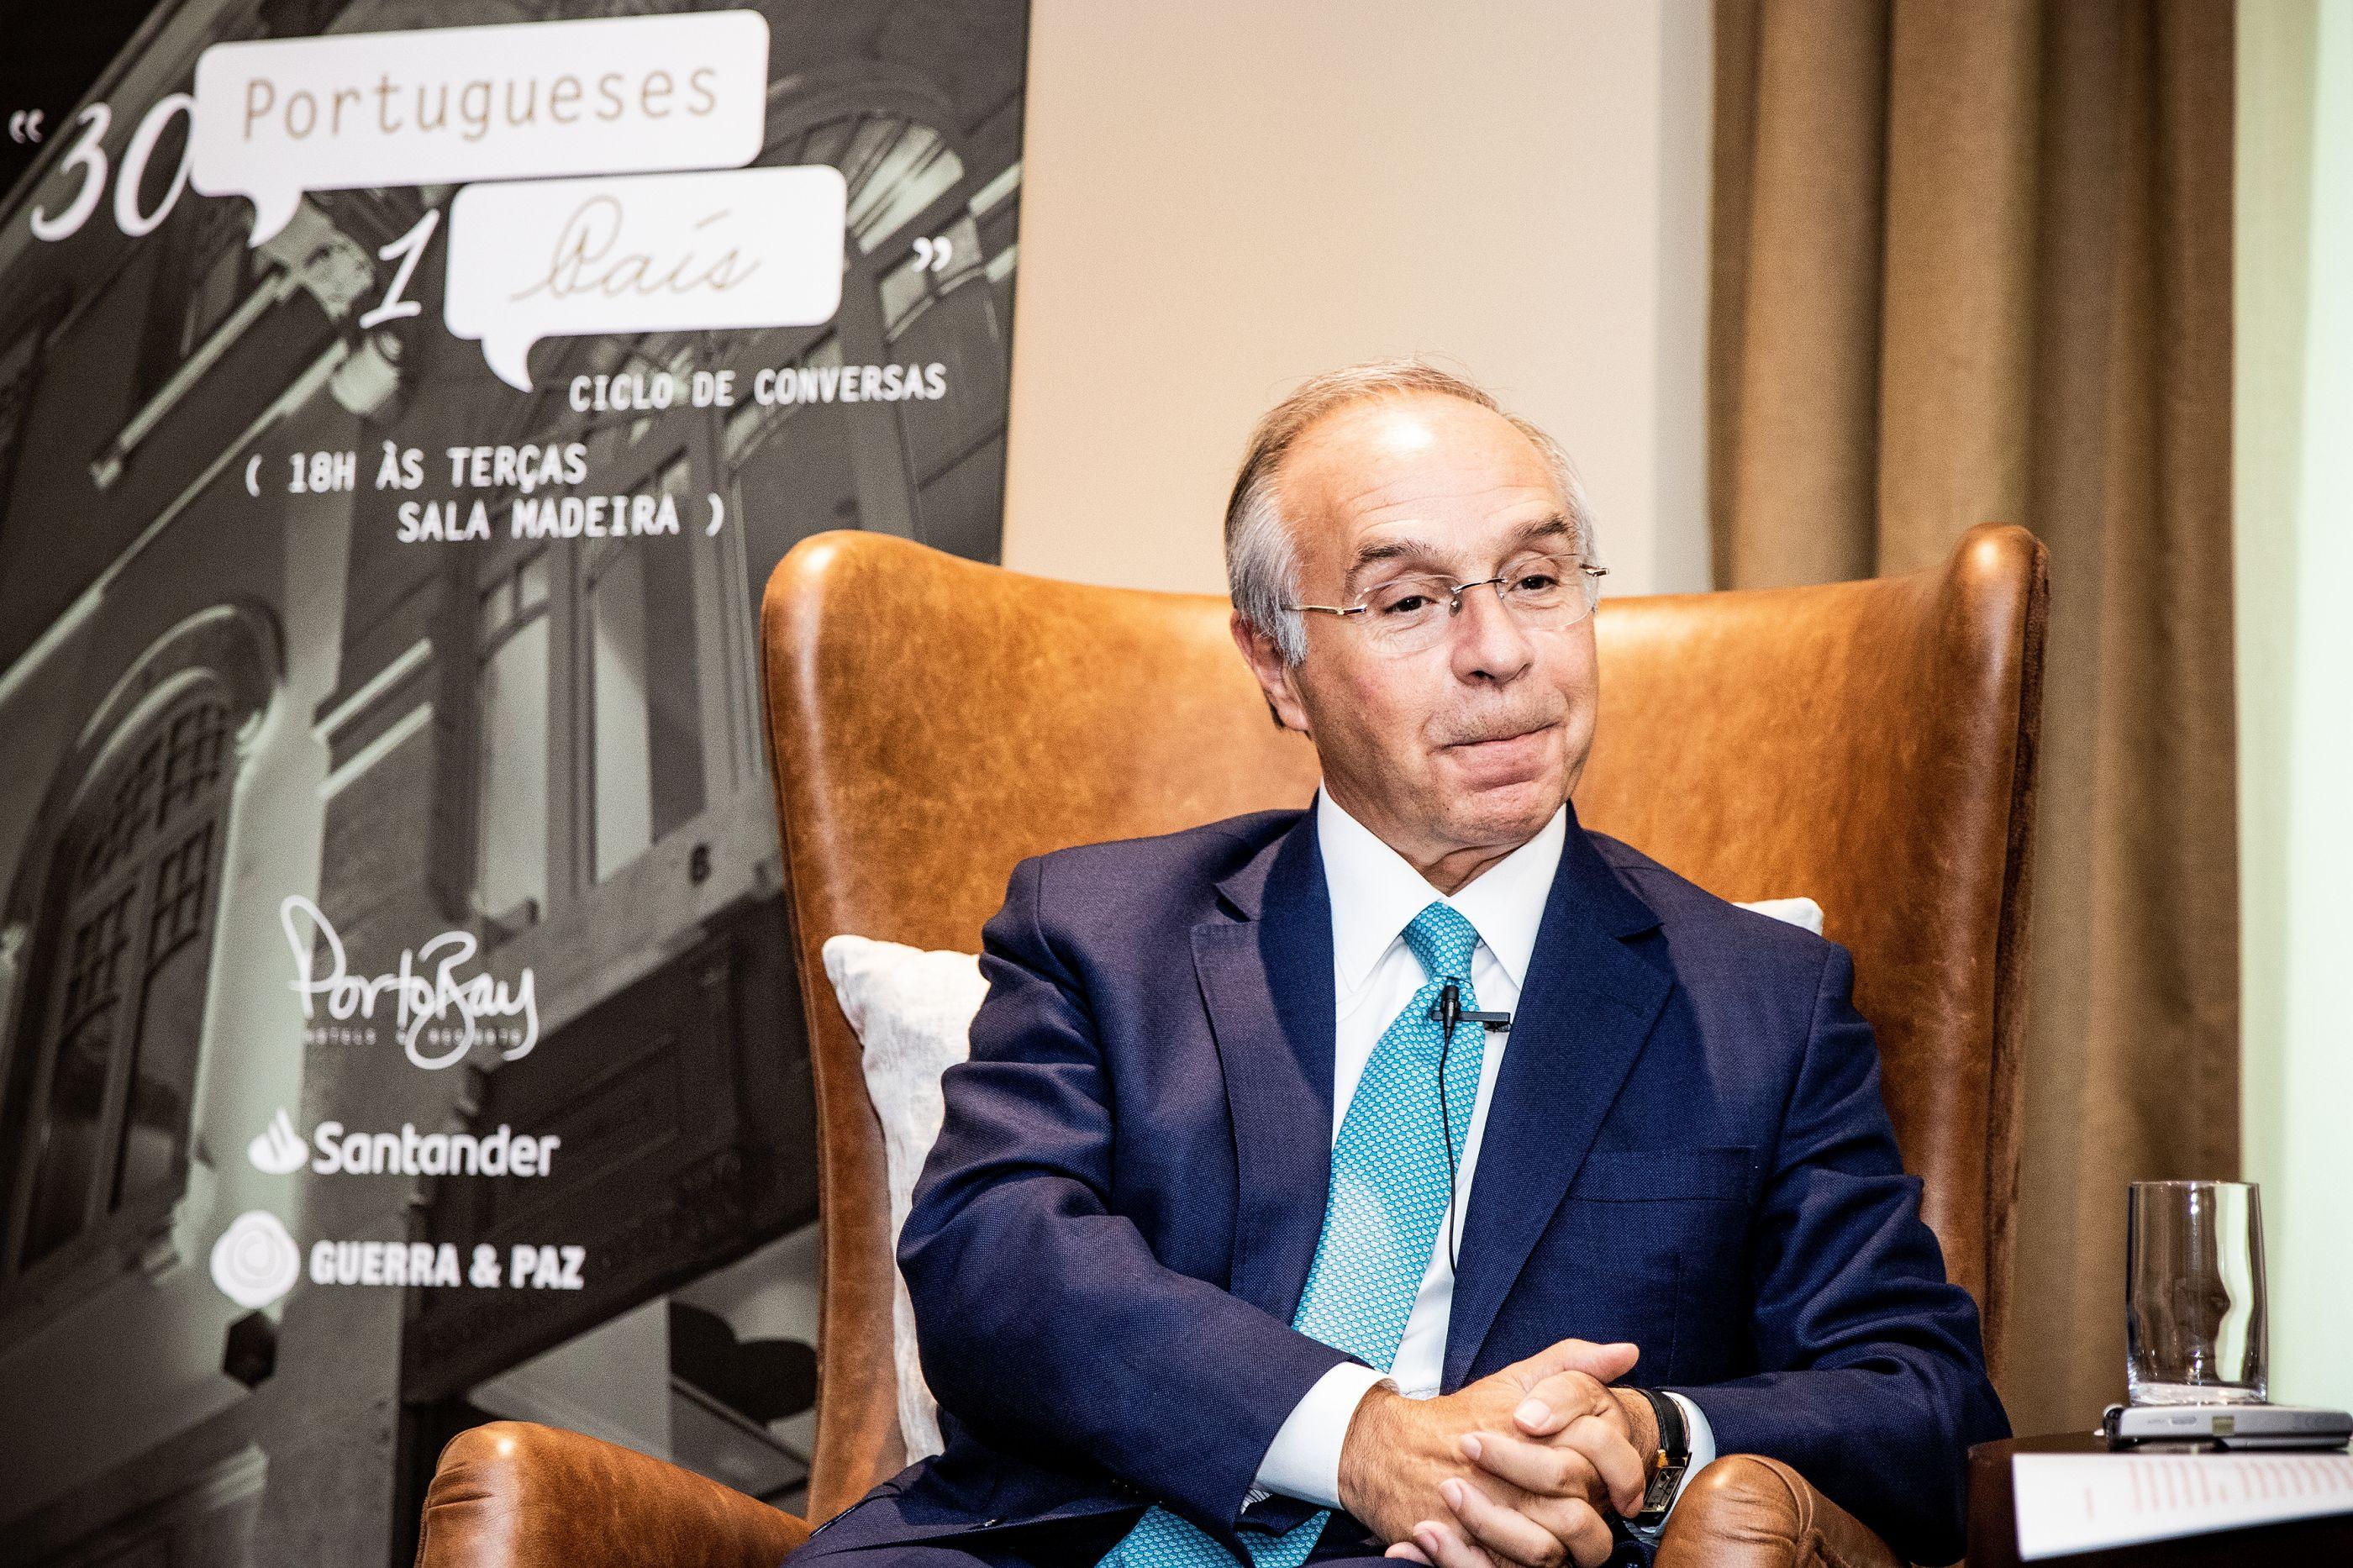 """Caso de Neto de Moura fez pelas mulheres """"mais do que muitos discursos"""""""